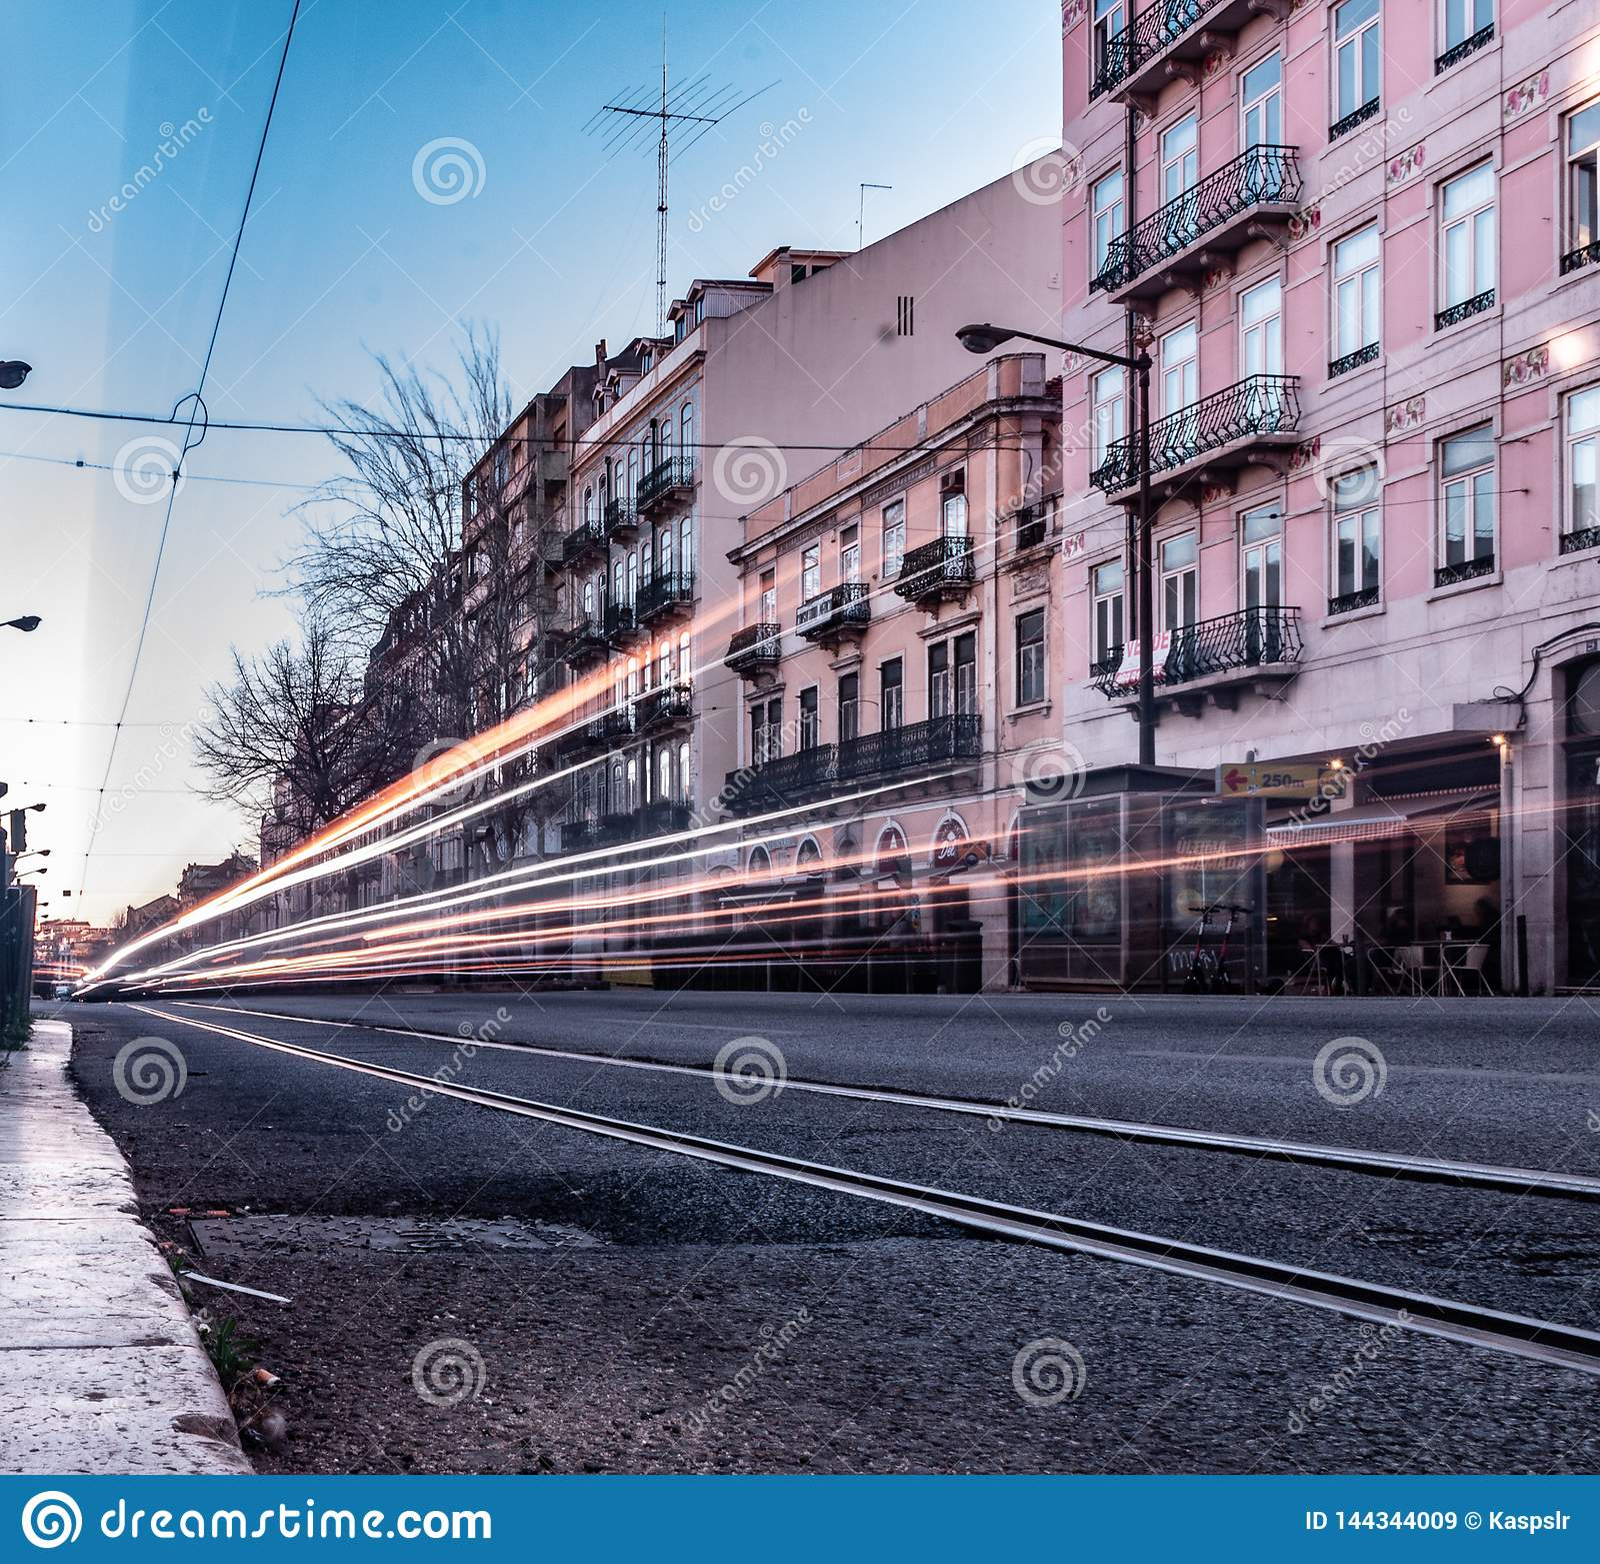 Avenida Almirante Reis, фото долгой выдержки Лиссабона